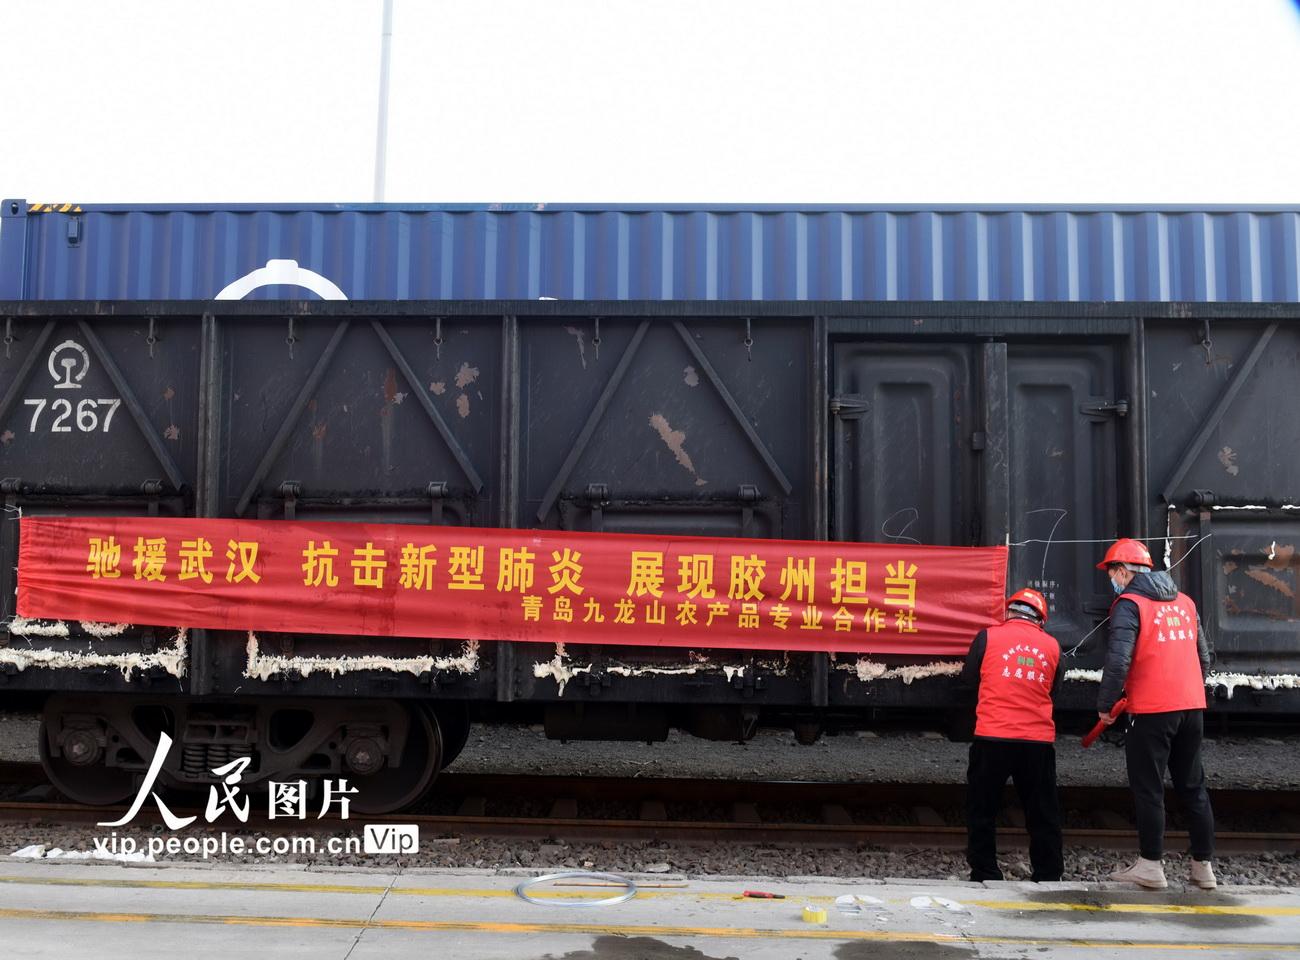 1月29日,位于山东胶州市的上合示范区中铁联集青岛中心站里,两名志愿者在列车上挂横幅。